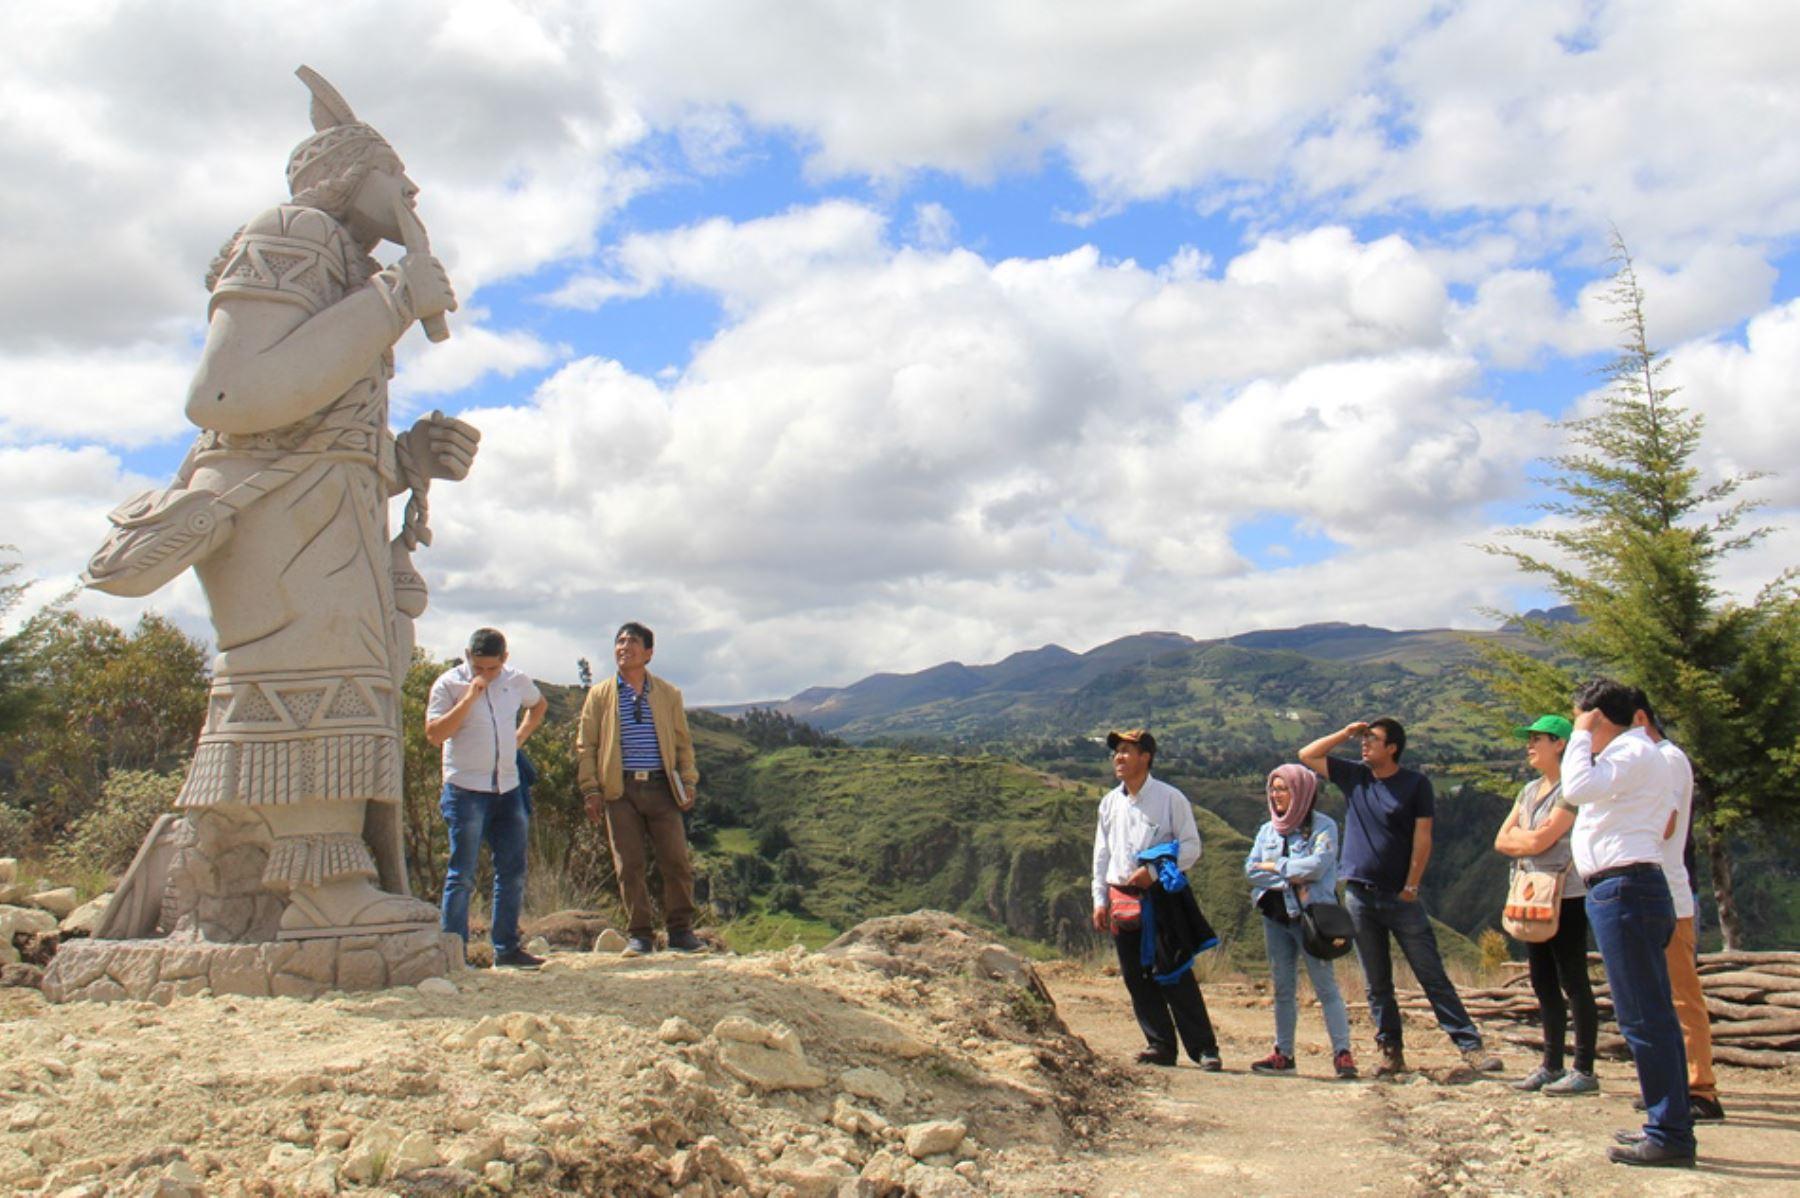 La Ruta de las Esculturas en Llushcapampa forma parte del nuevo circuito turístico denominado Parque de las Esculturas, que ofrece Cajamarca. Foto: ANDINA/Difusión